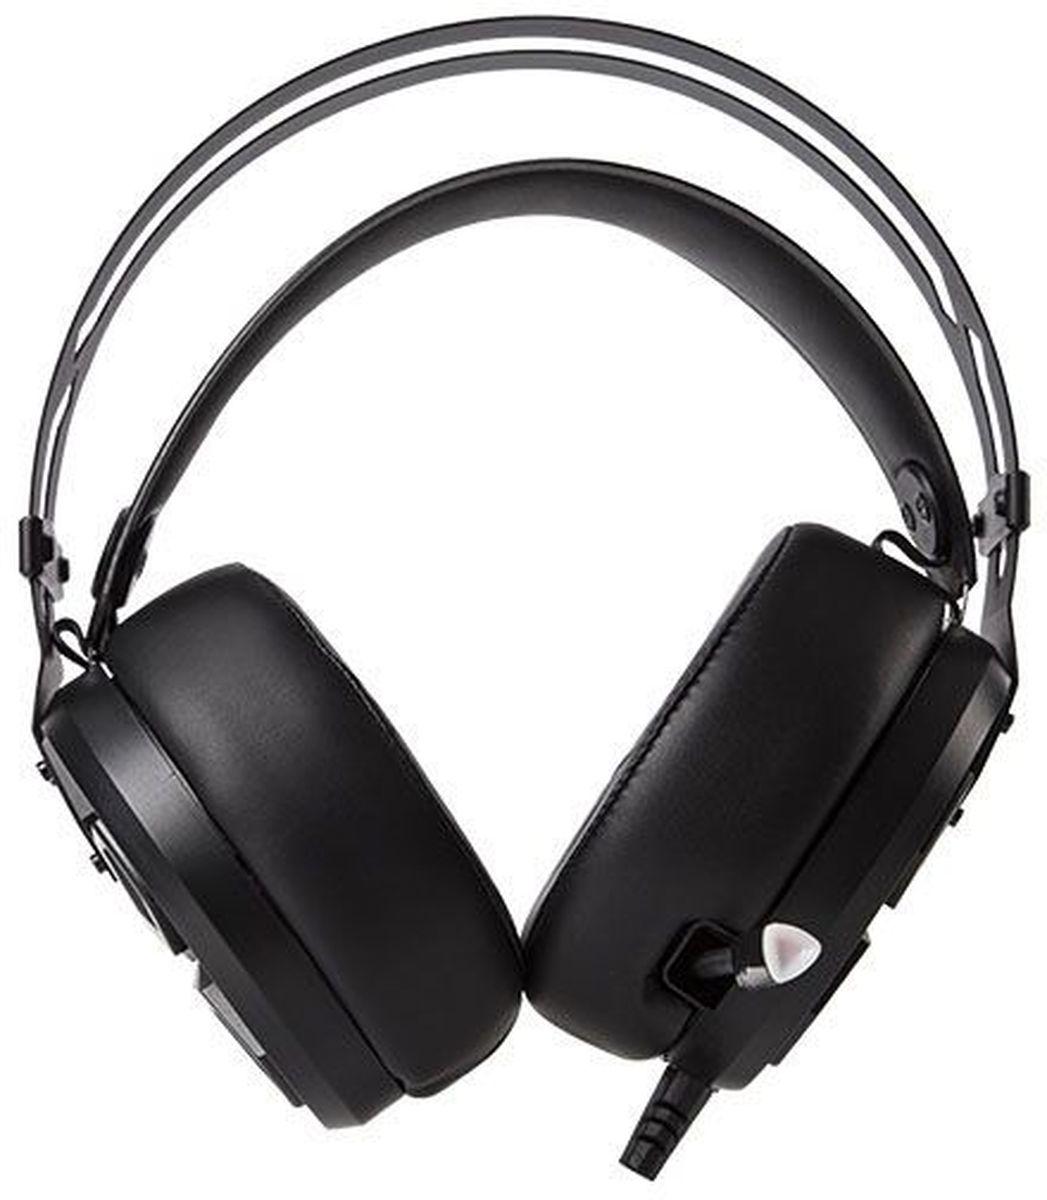 Marvo HG8925, Black игровые наушникиHG8925Тип: стерео Микрофон на гибком подвесе, с возможностью убрать в корпус Тип микрофона: динамический Интерфейс подключения: 2x3.5 мм + USB Регулятор громкости Амбушюры: экокожа Подсветка: чашек и микрофона Кабель: в армированной виниловой оплетке, 2,3 м Особенности: великолепное качество звучания, металлическое оголовье